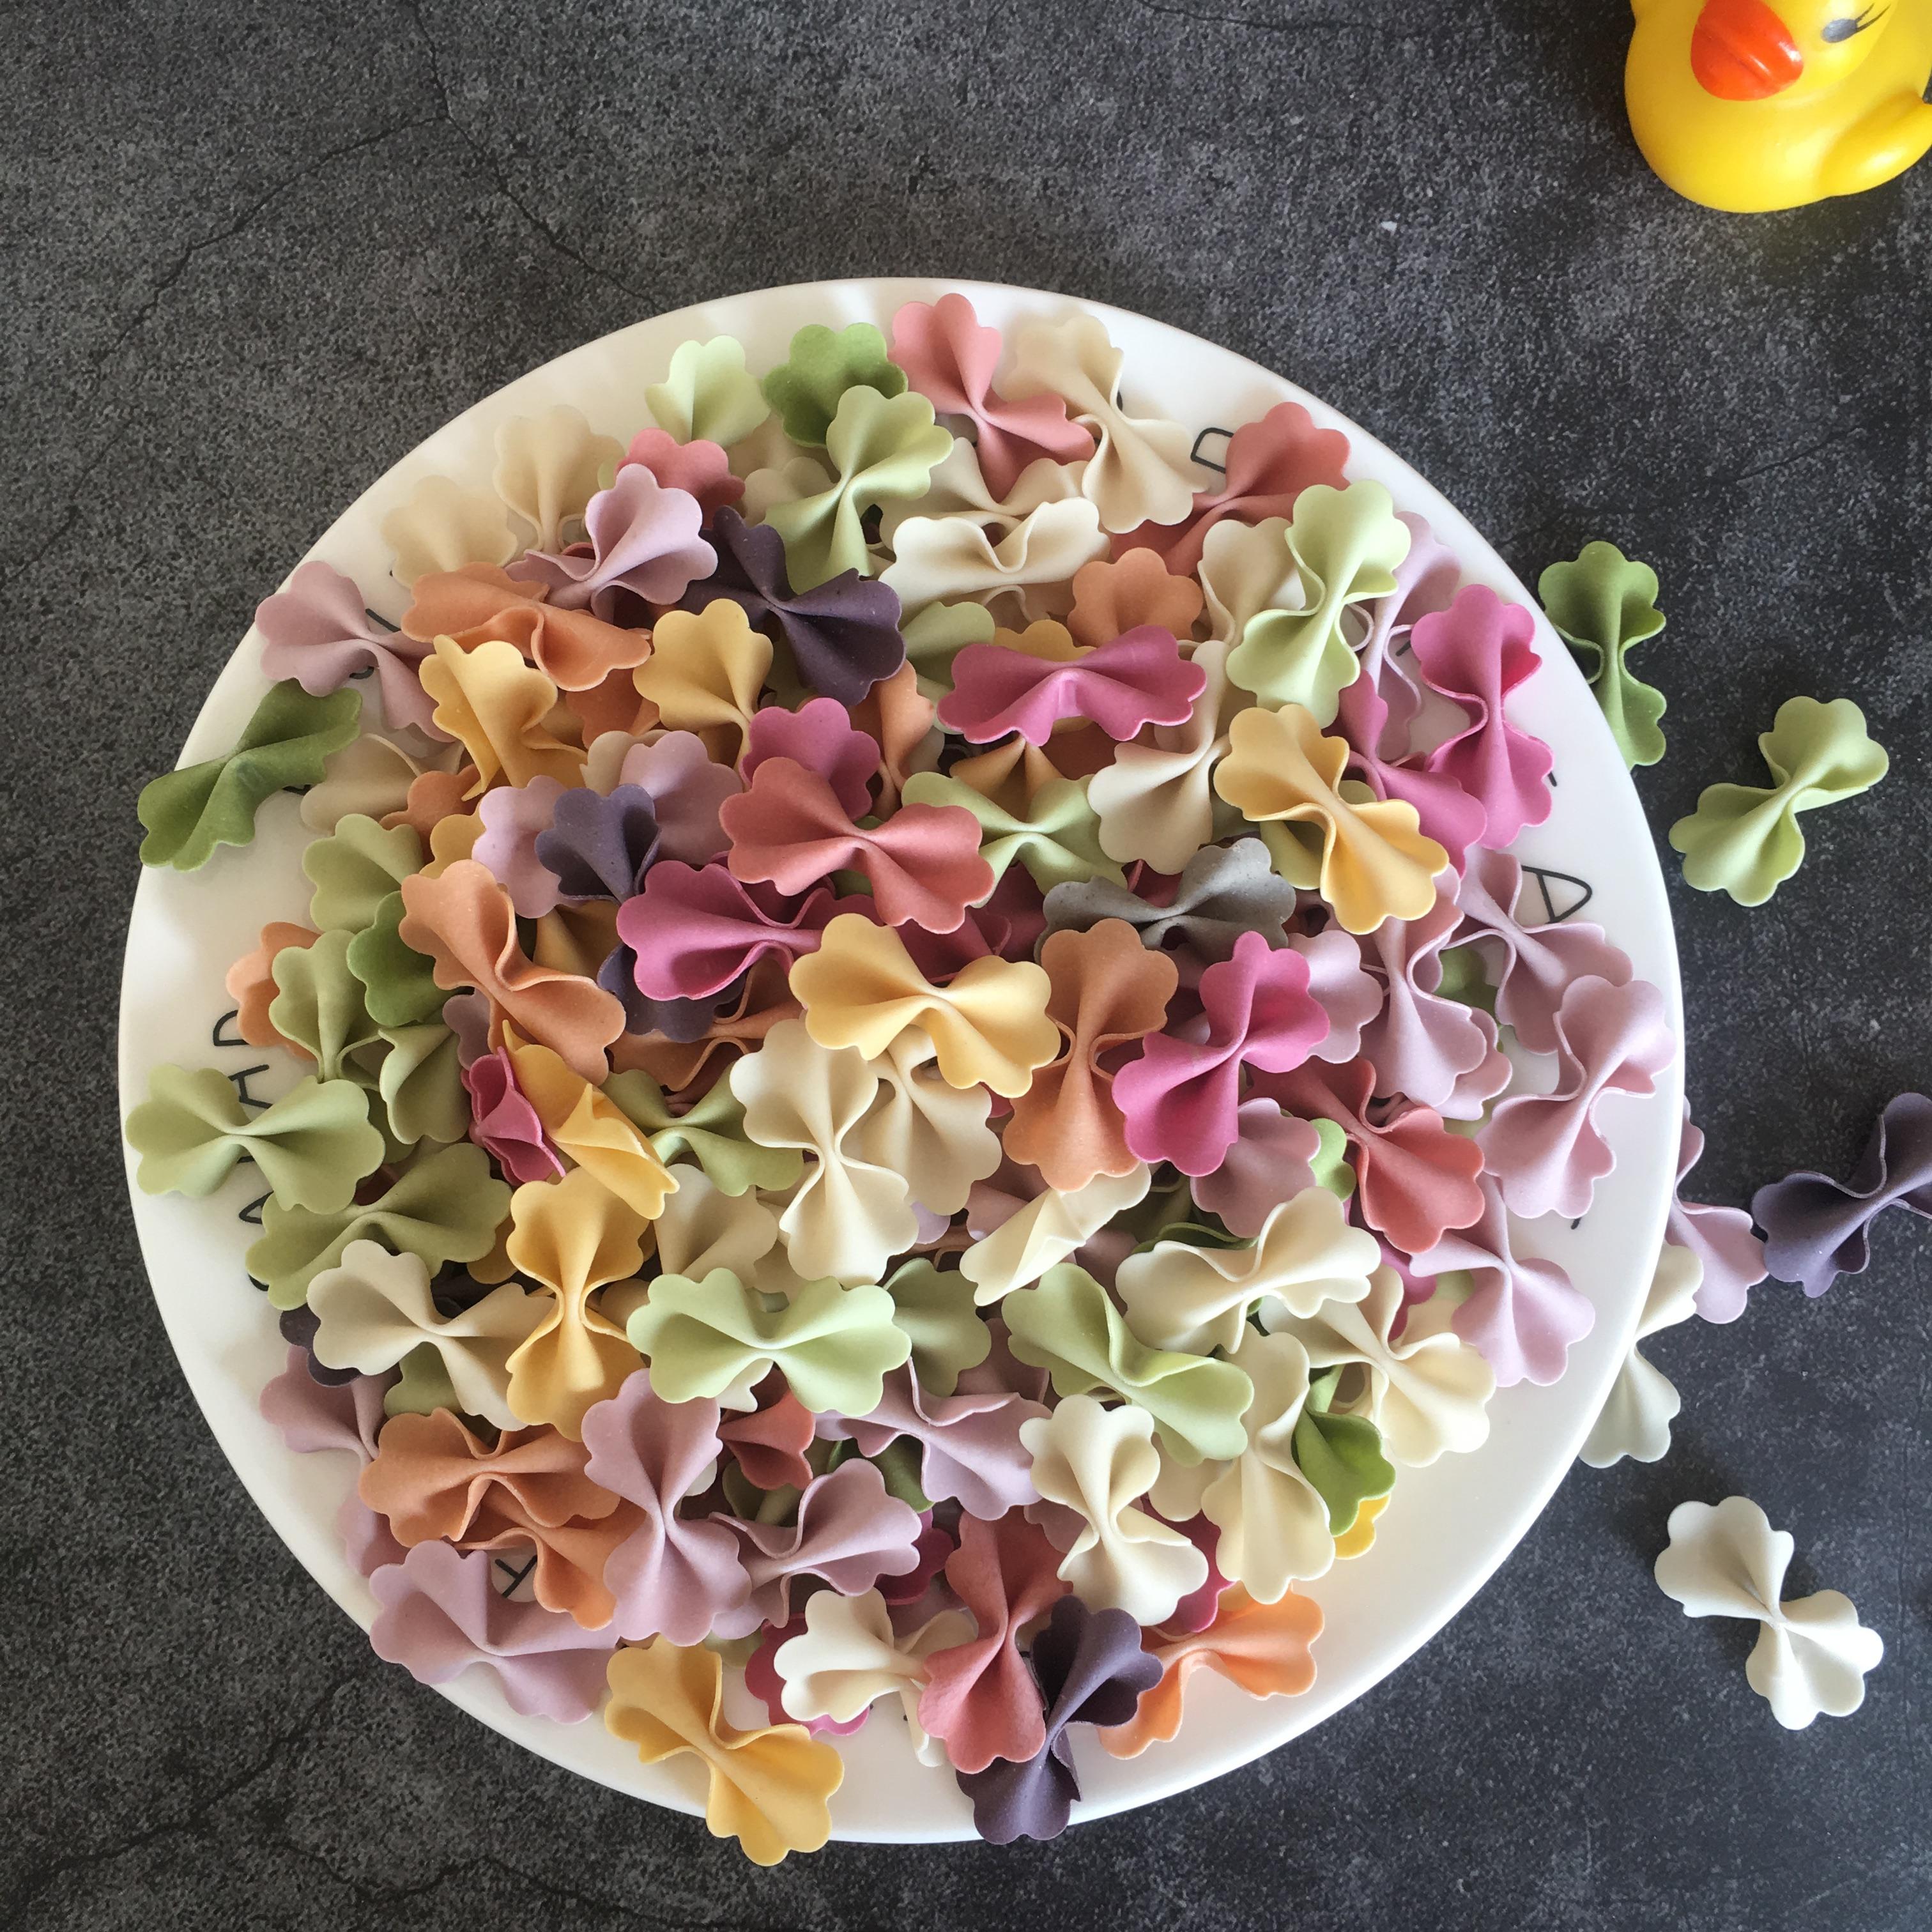 水果蔬菜营养蝴蝶面  无盐零无添加宝宝婴儿童辅食彩色挂面条500g